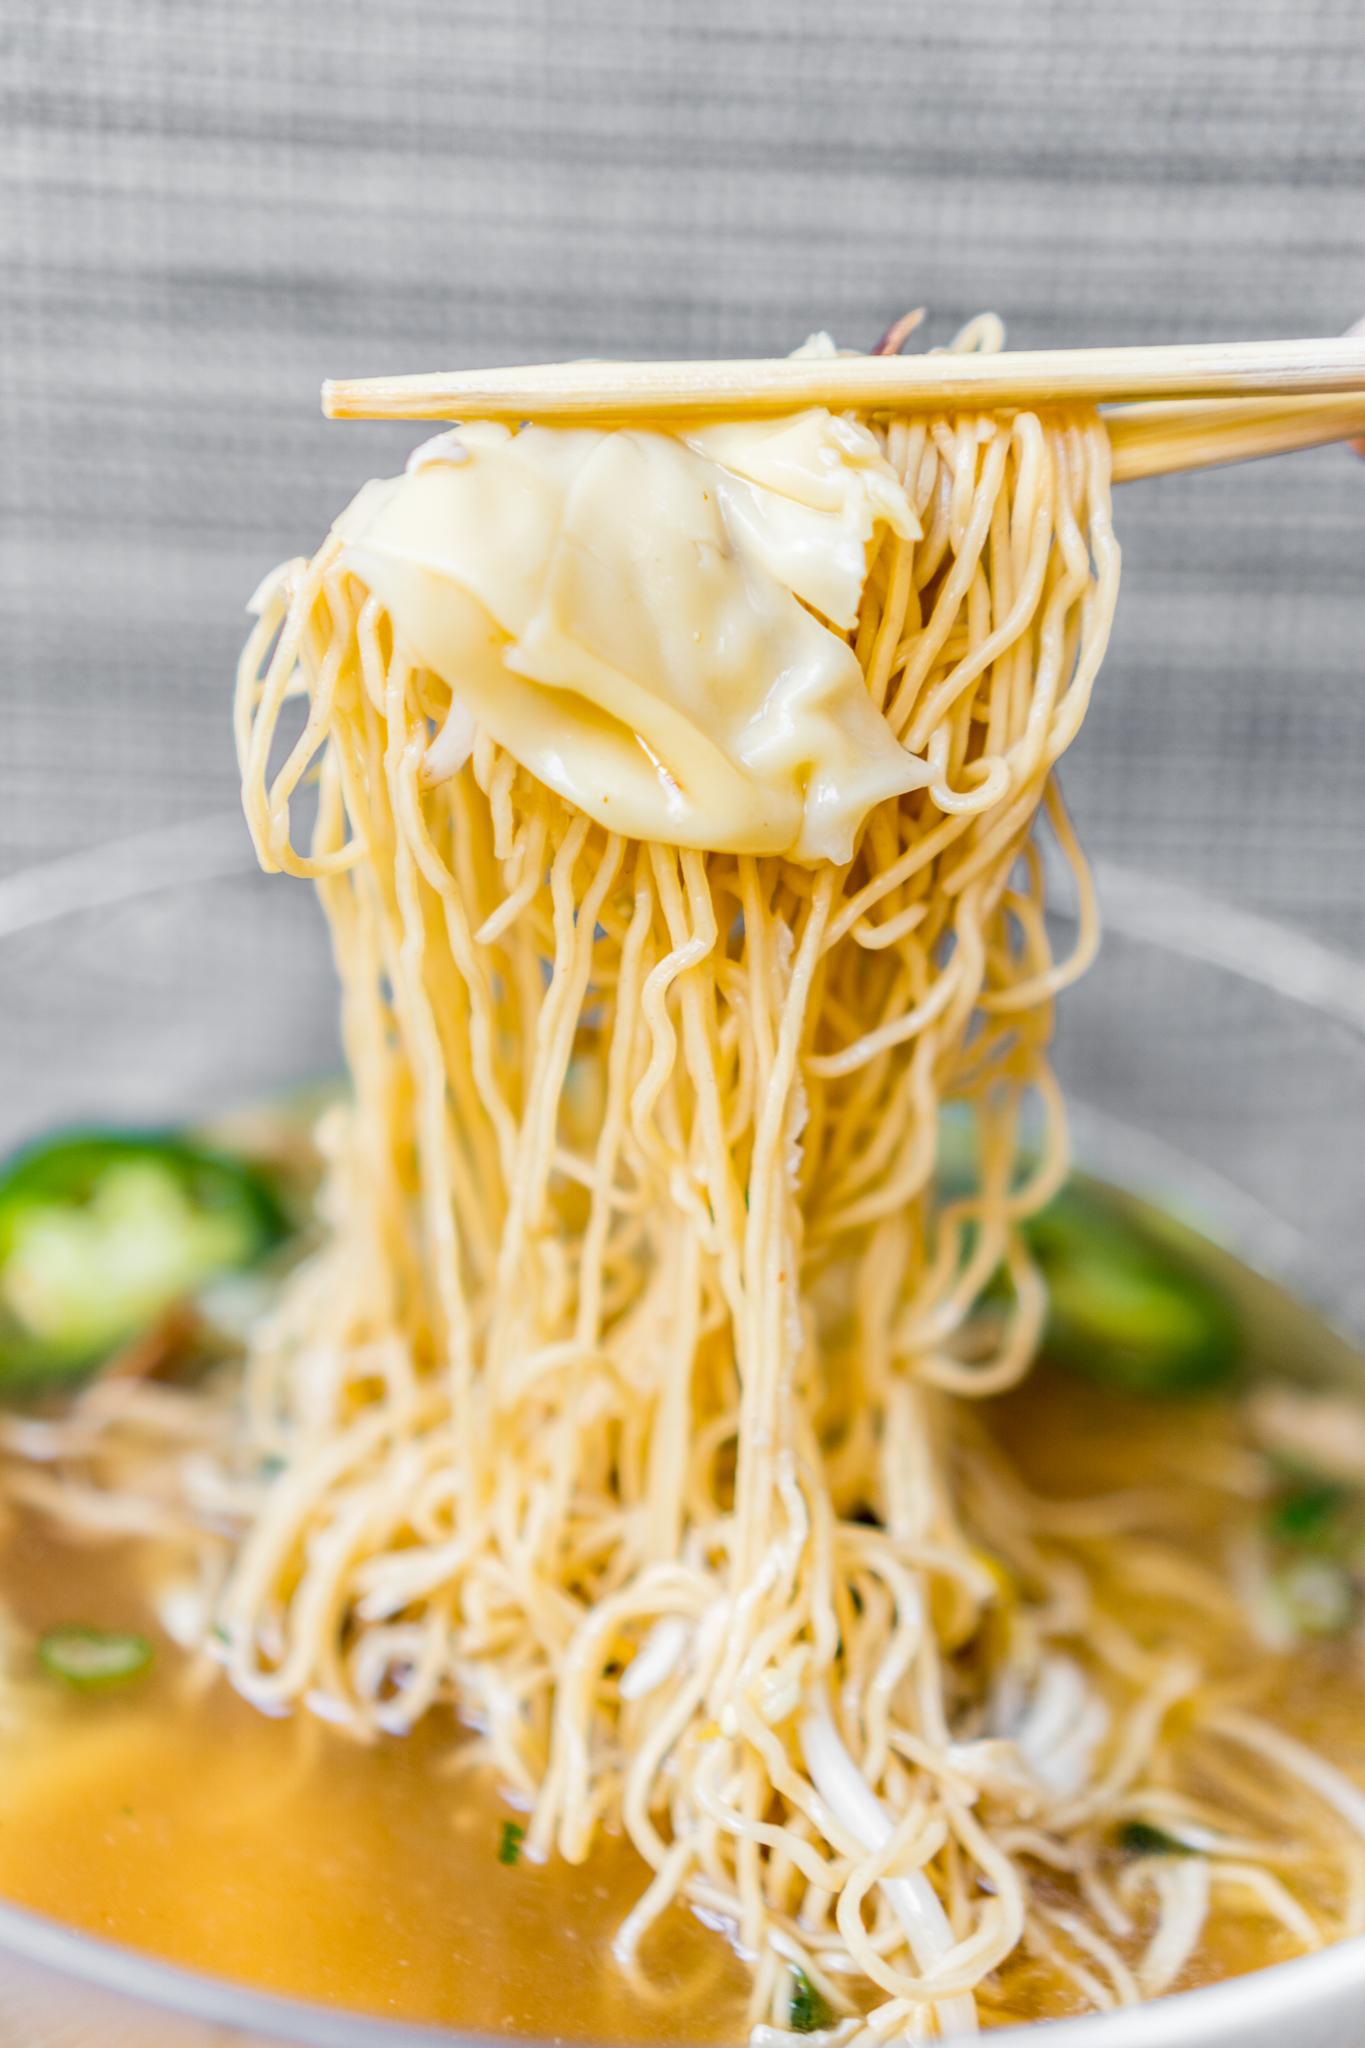 Special Pho Wonton Soup Noodles